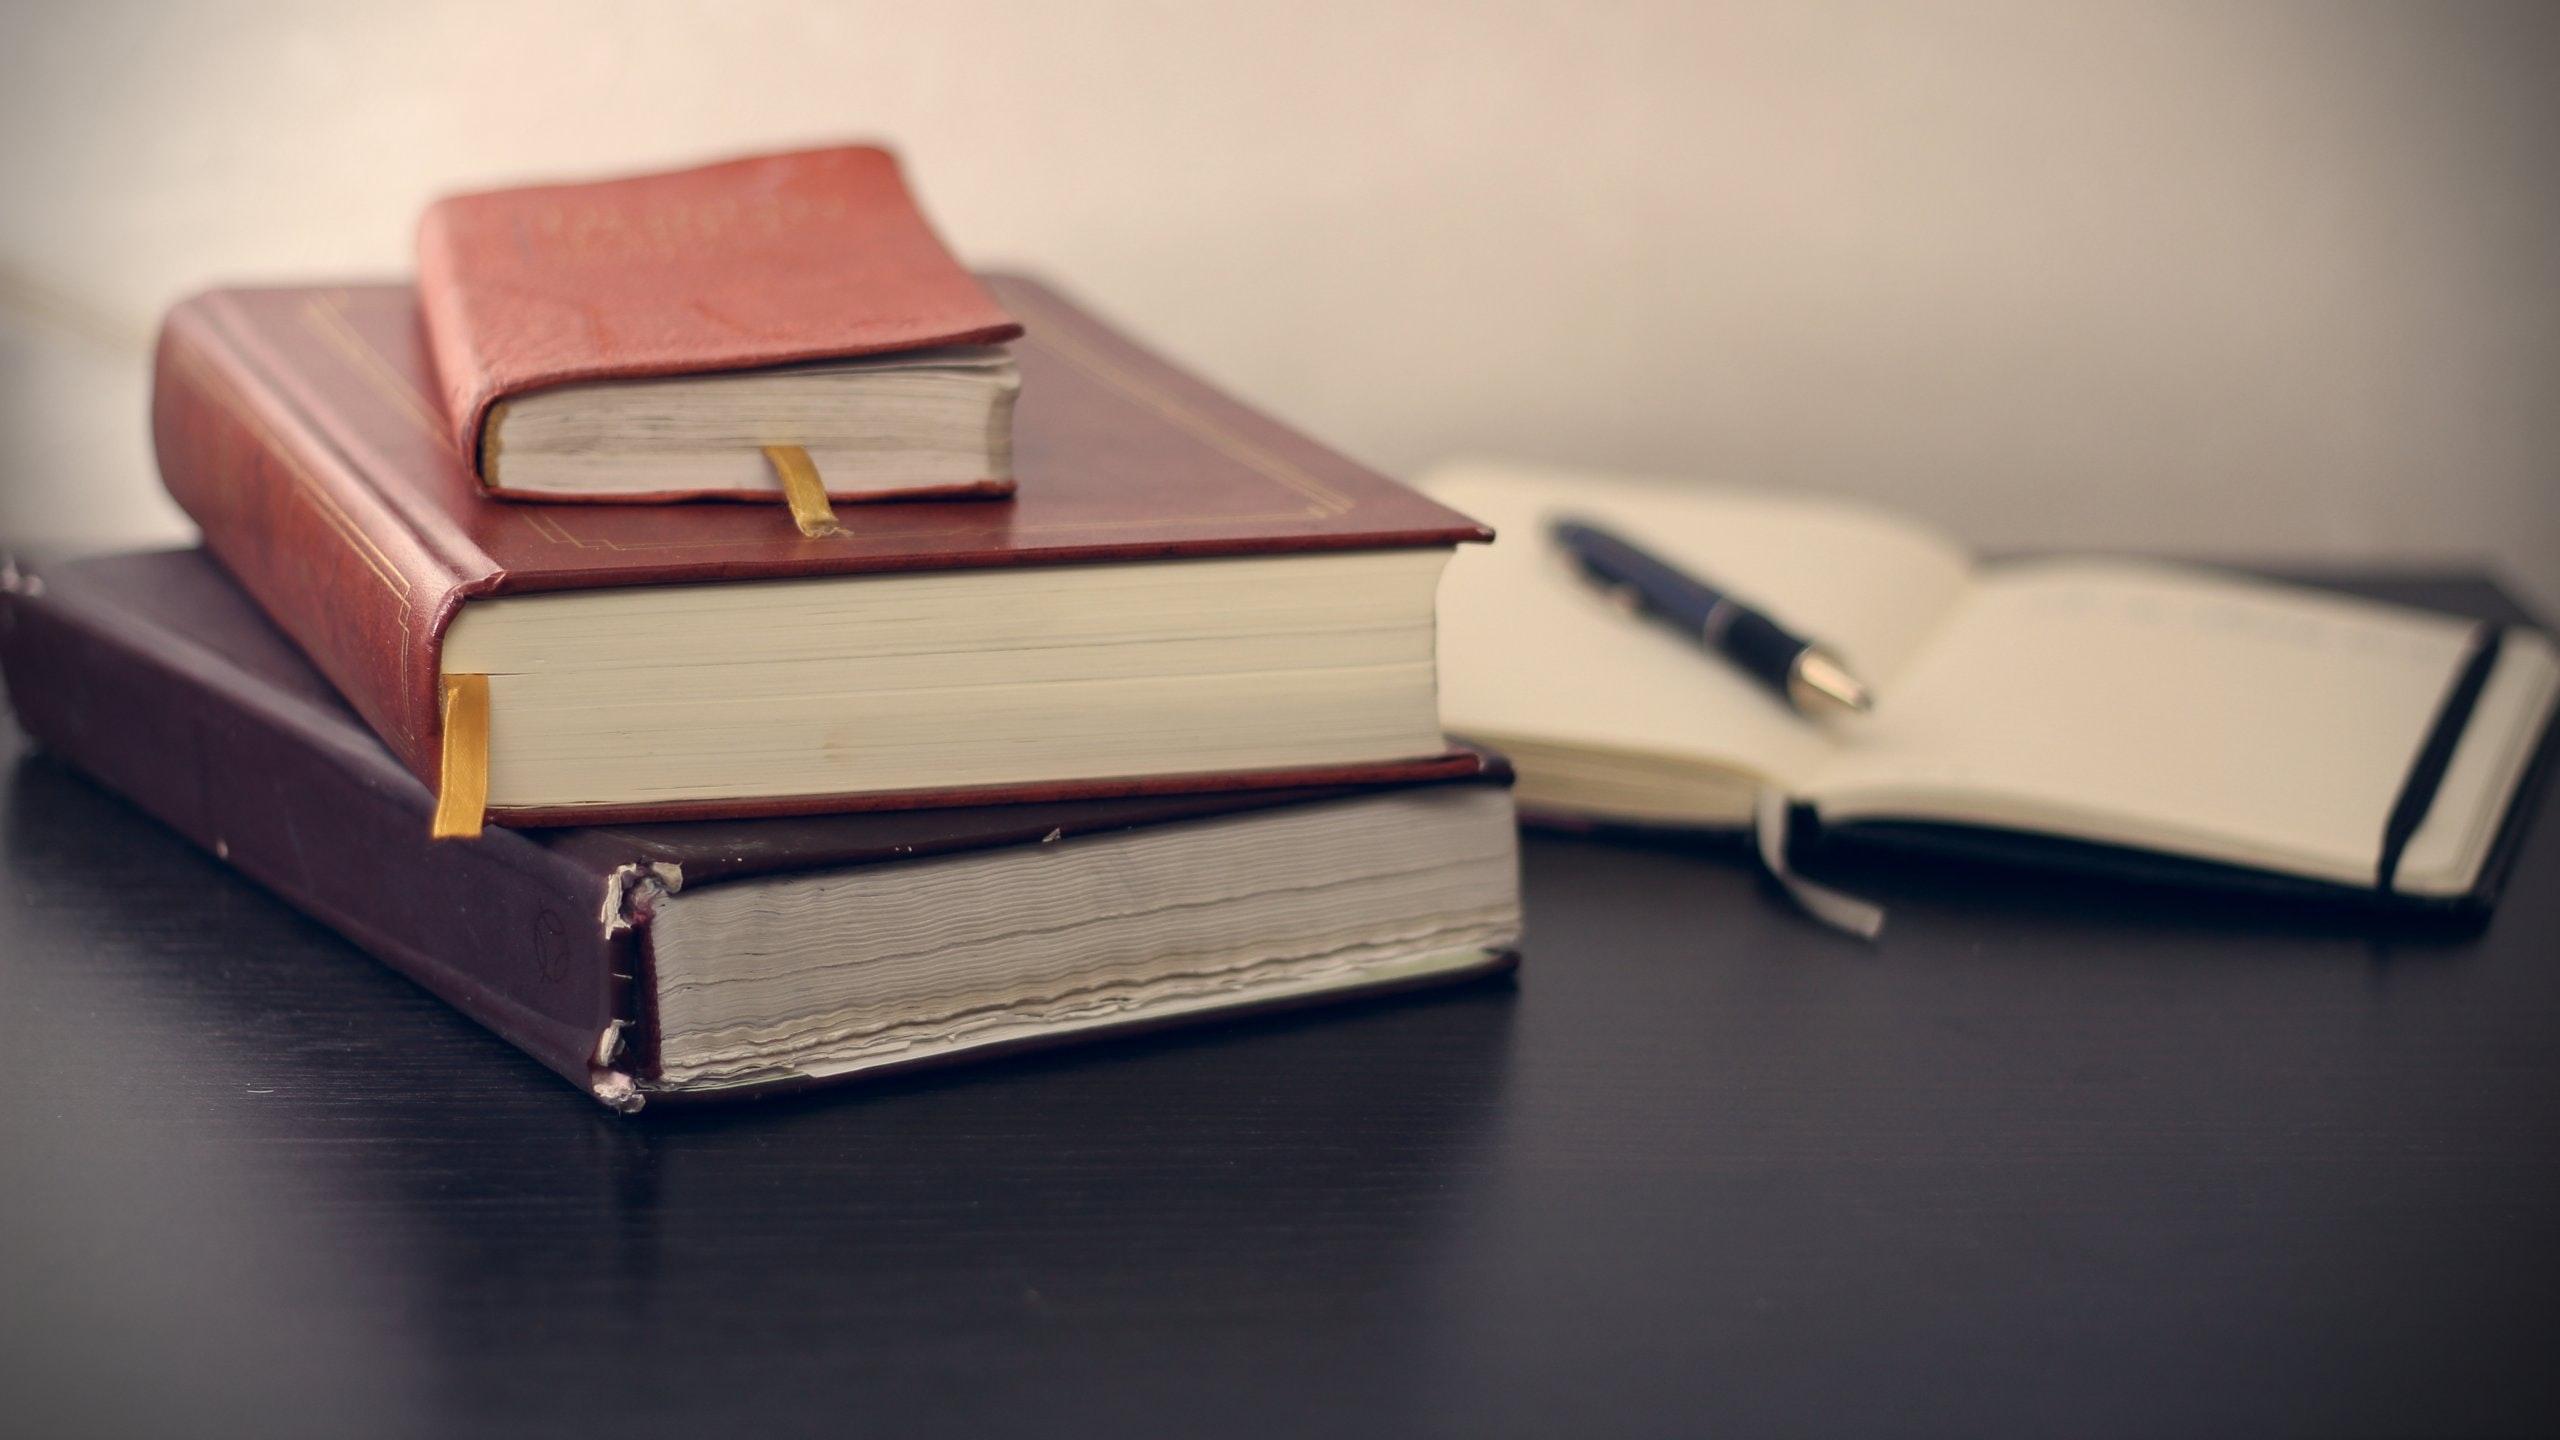 mikhail pavstyuk EKy2OTRPXdw unsplash 1 Preguntas y respuestas sobre el borrador del Reglamento de lasInstituciones de Inversión Colectiva